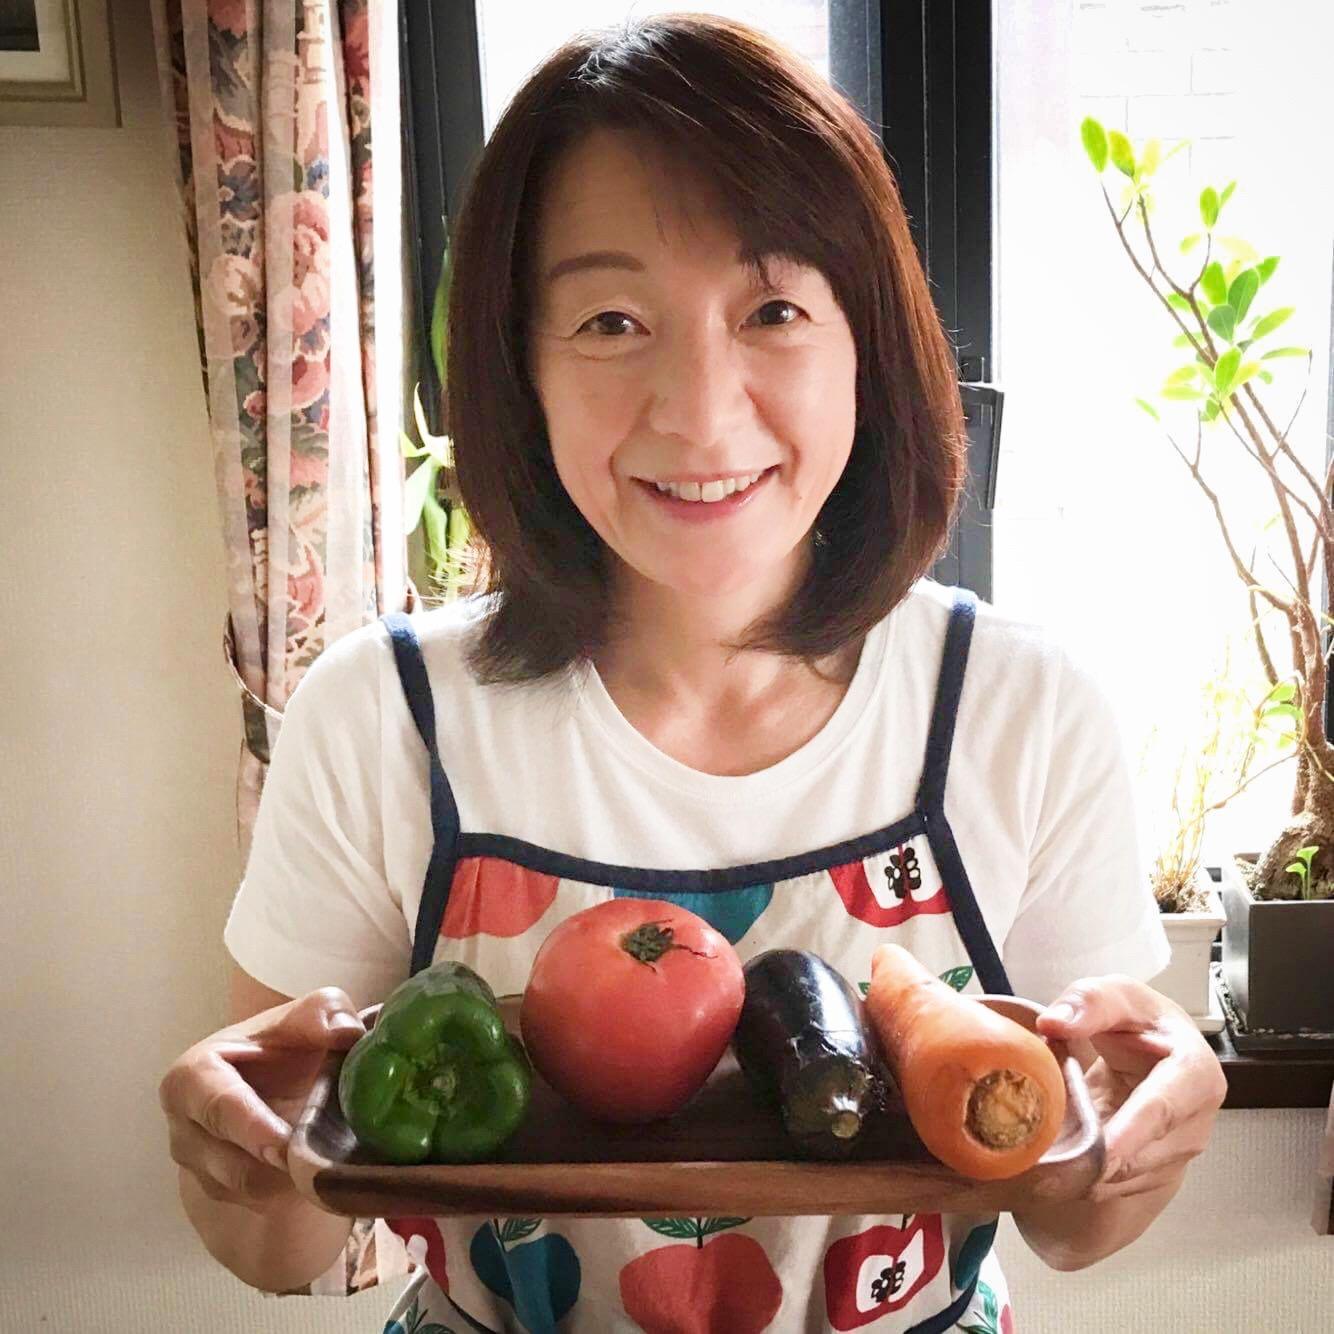 一日の野菜摂取量目標「365g」7日間チャレンジリレー①